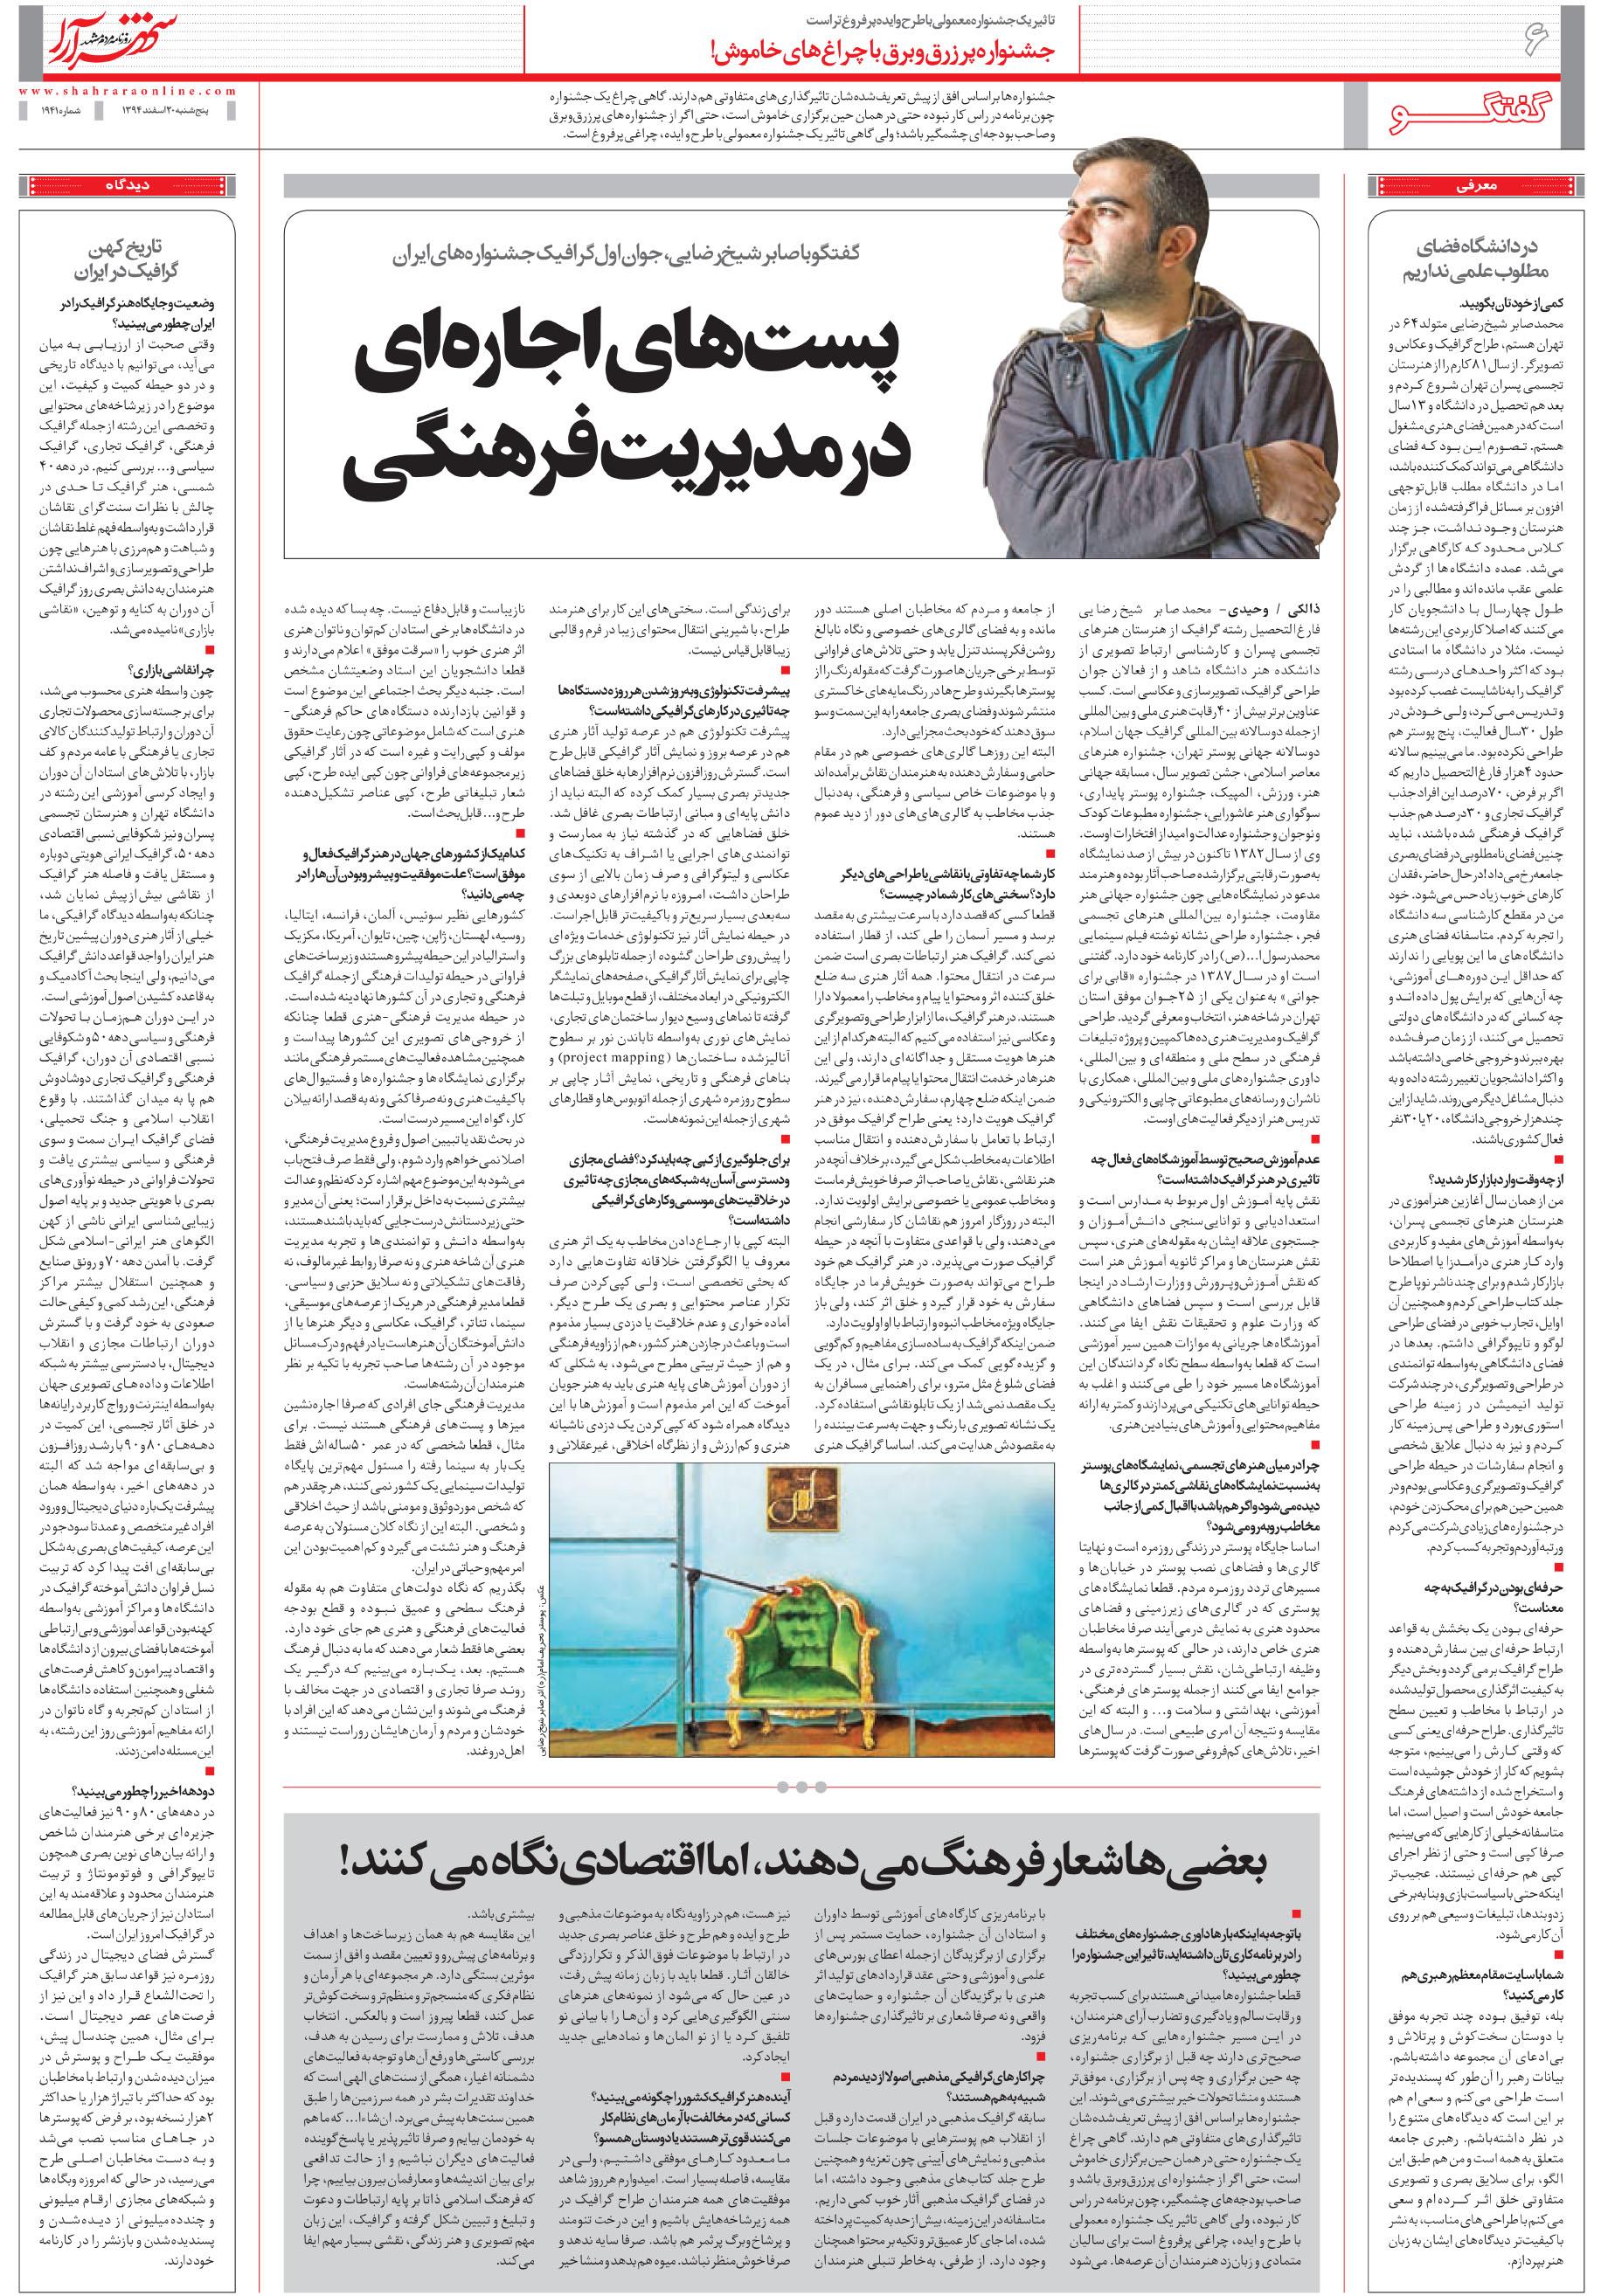 محمد صابر شیخ رضایی،گفتگو با روزنامه شهرآرا